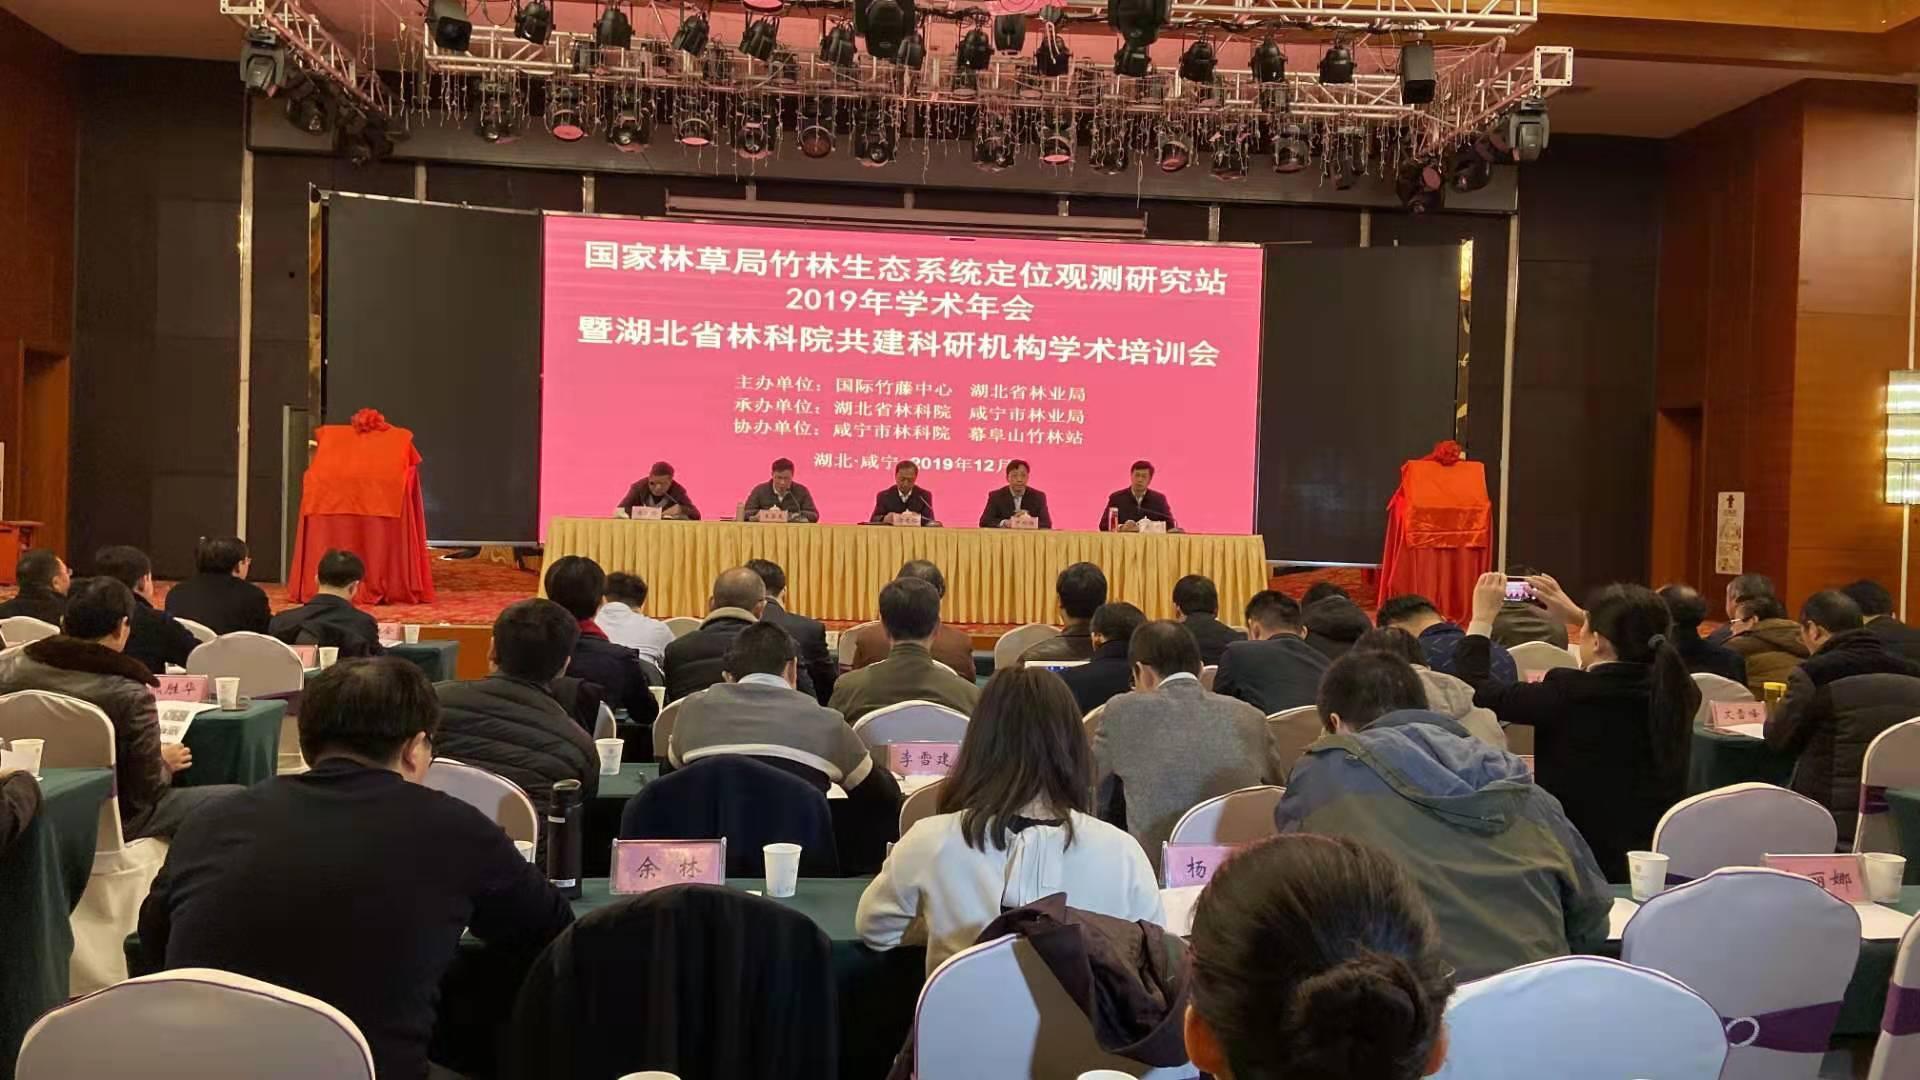 全国竹林生态站暨全省林业科研机构学术会议在咸宁市召开